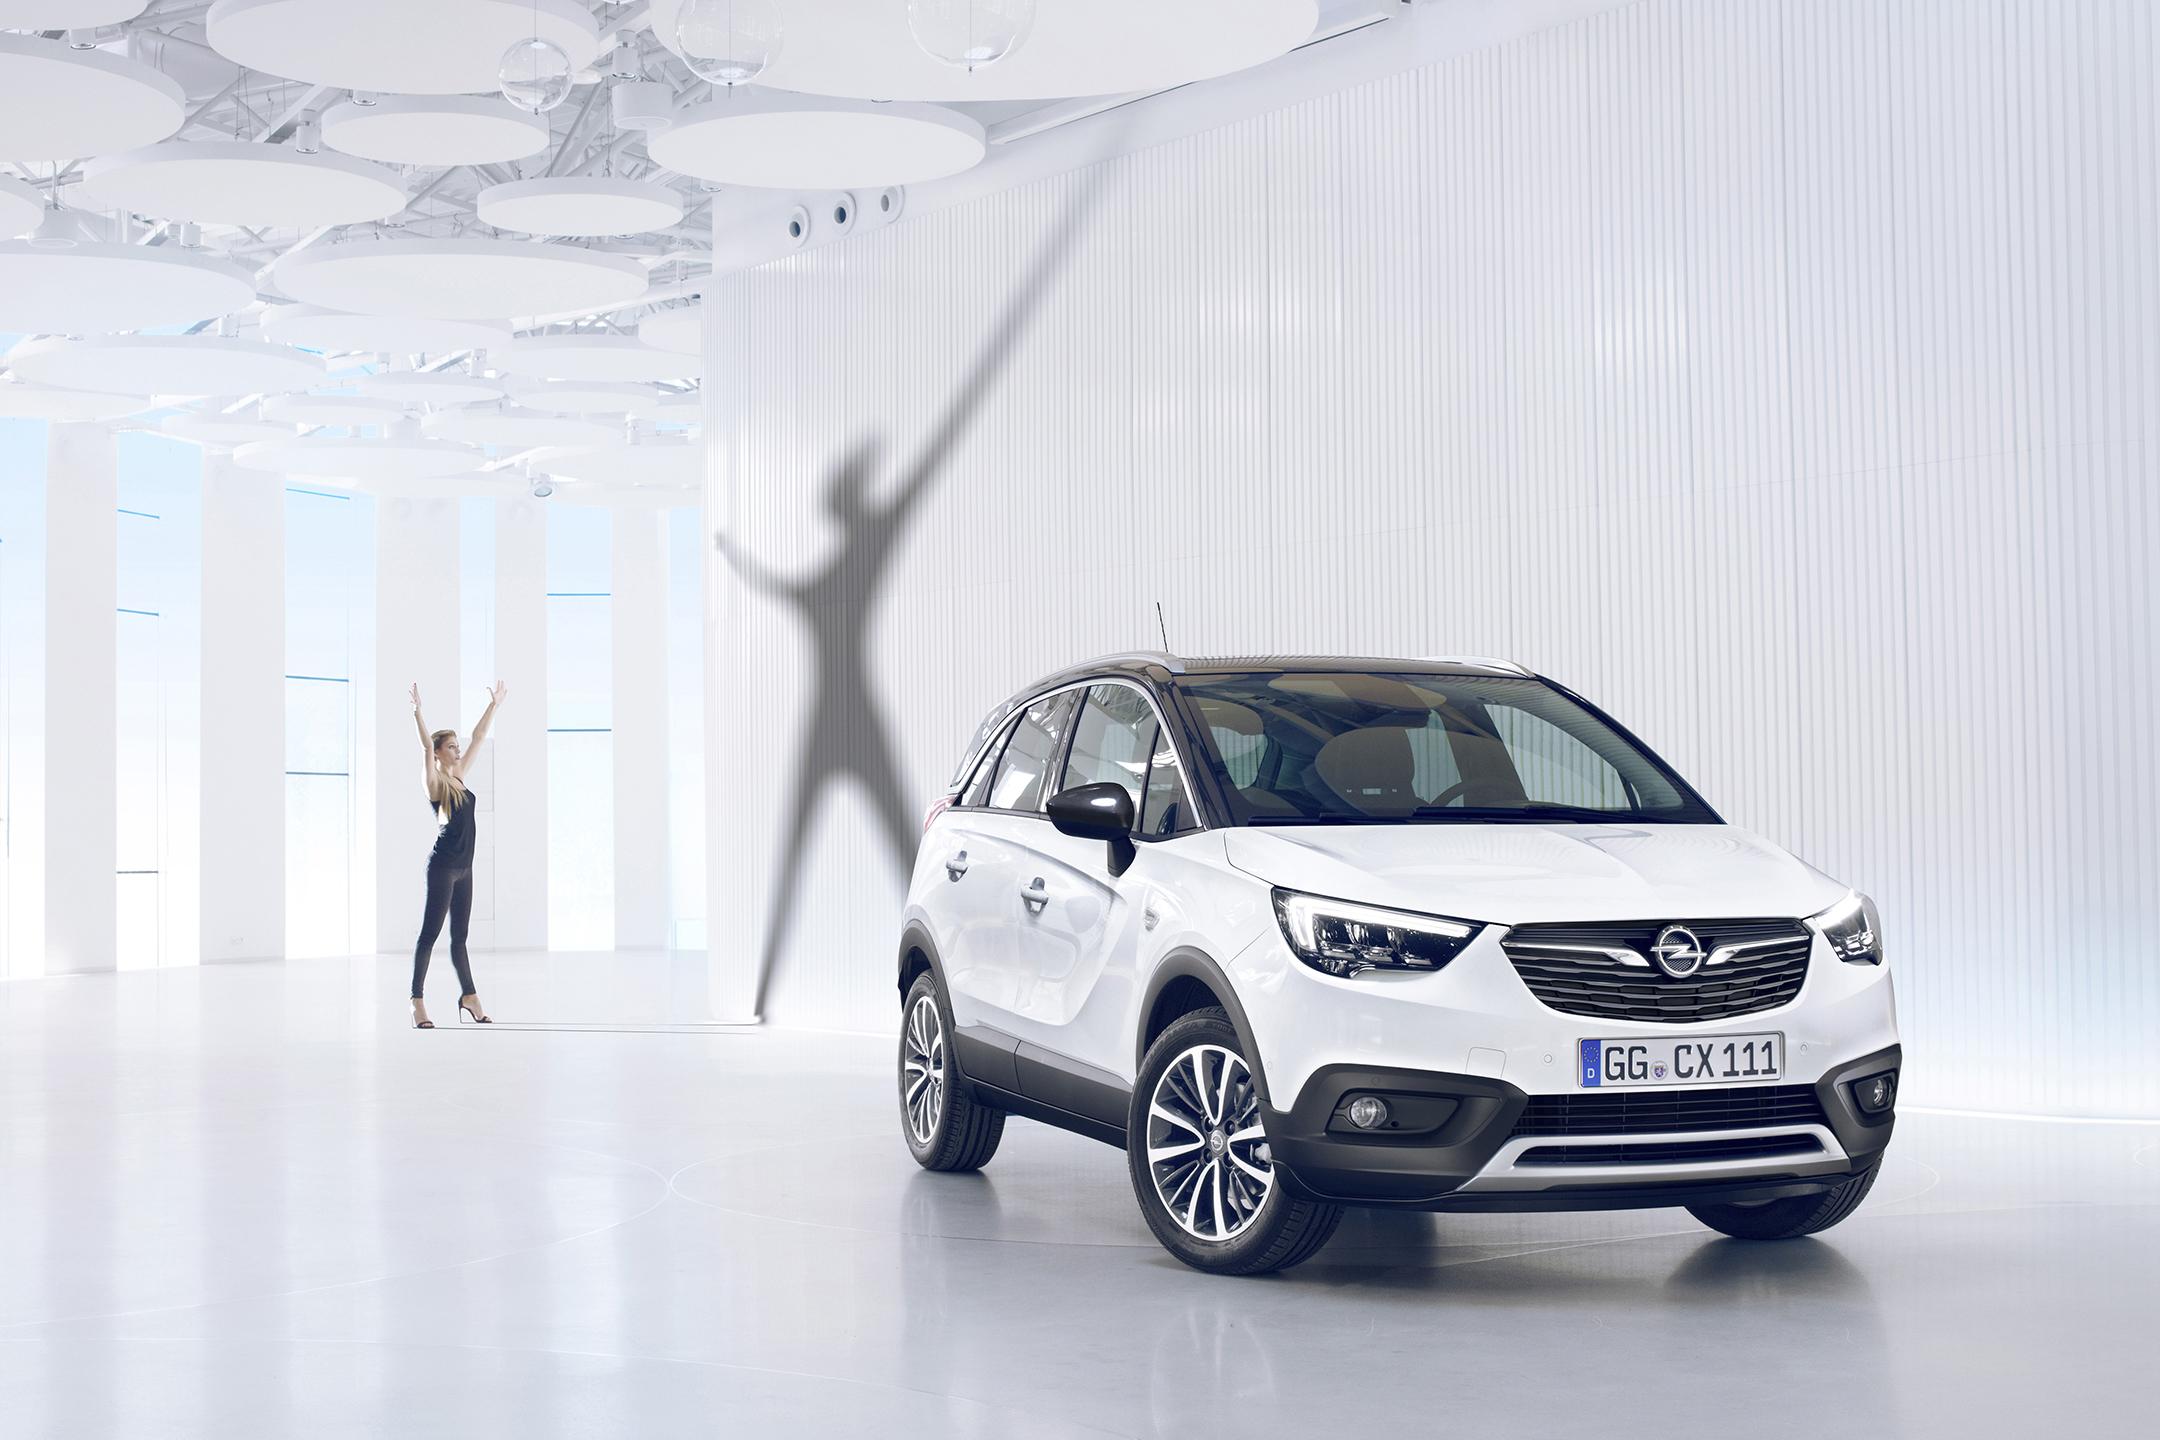 Opel Crossland X - 2017 - avant / front